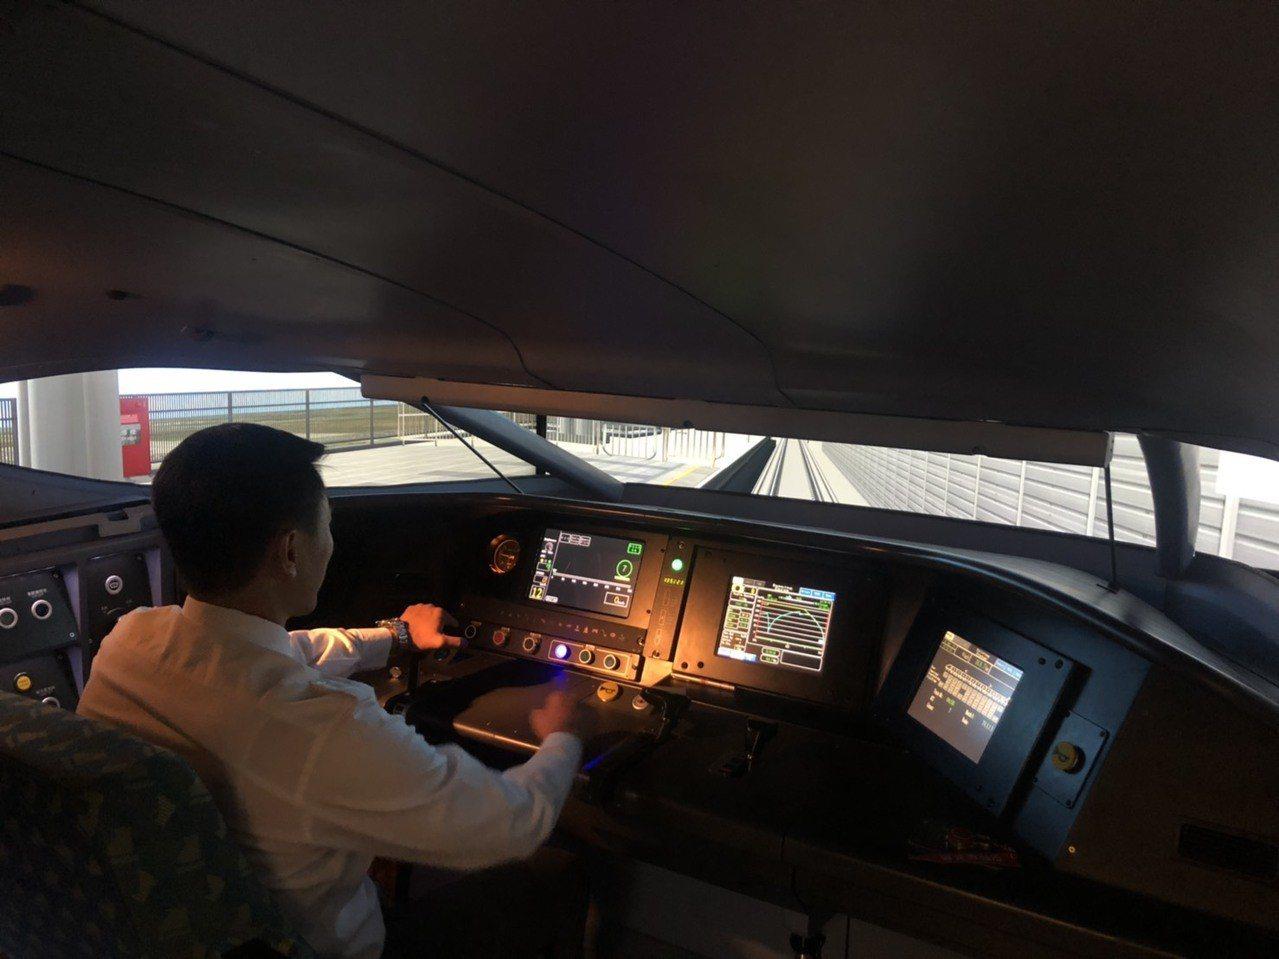 高鐵列車駕駛模擬機內。 記者侯俐安/攝影